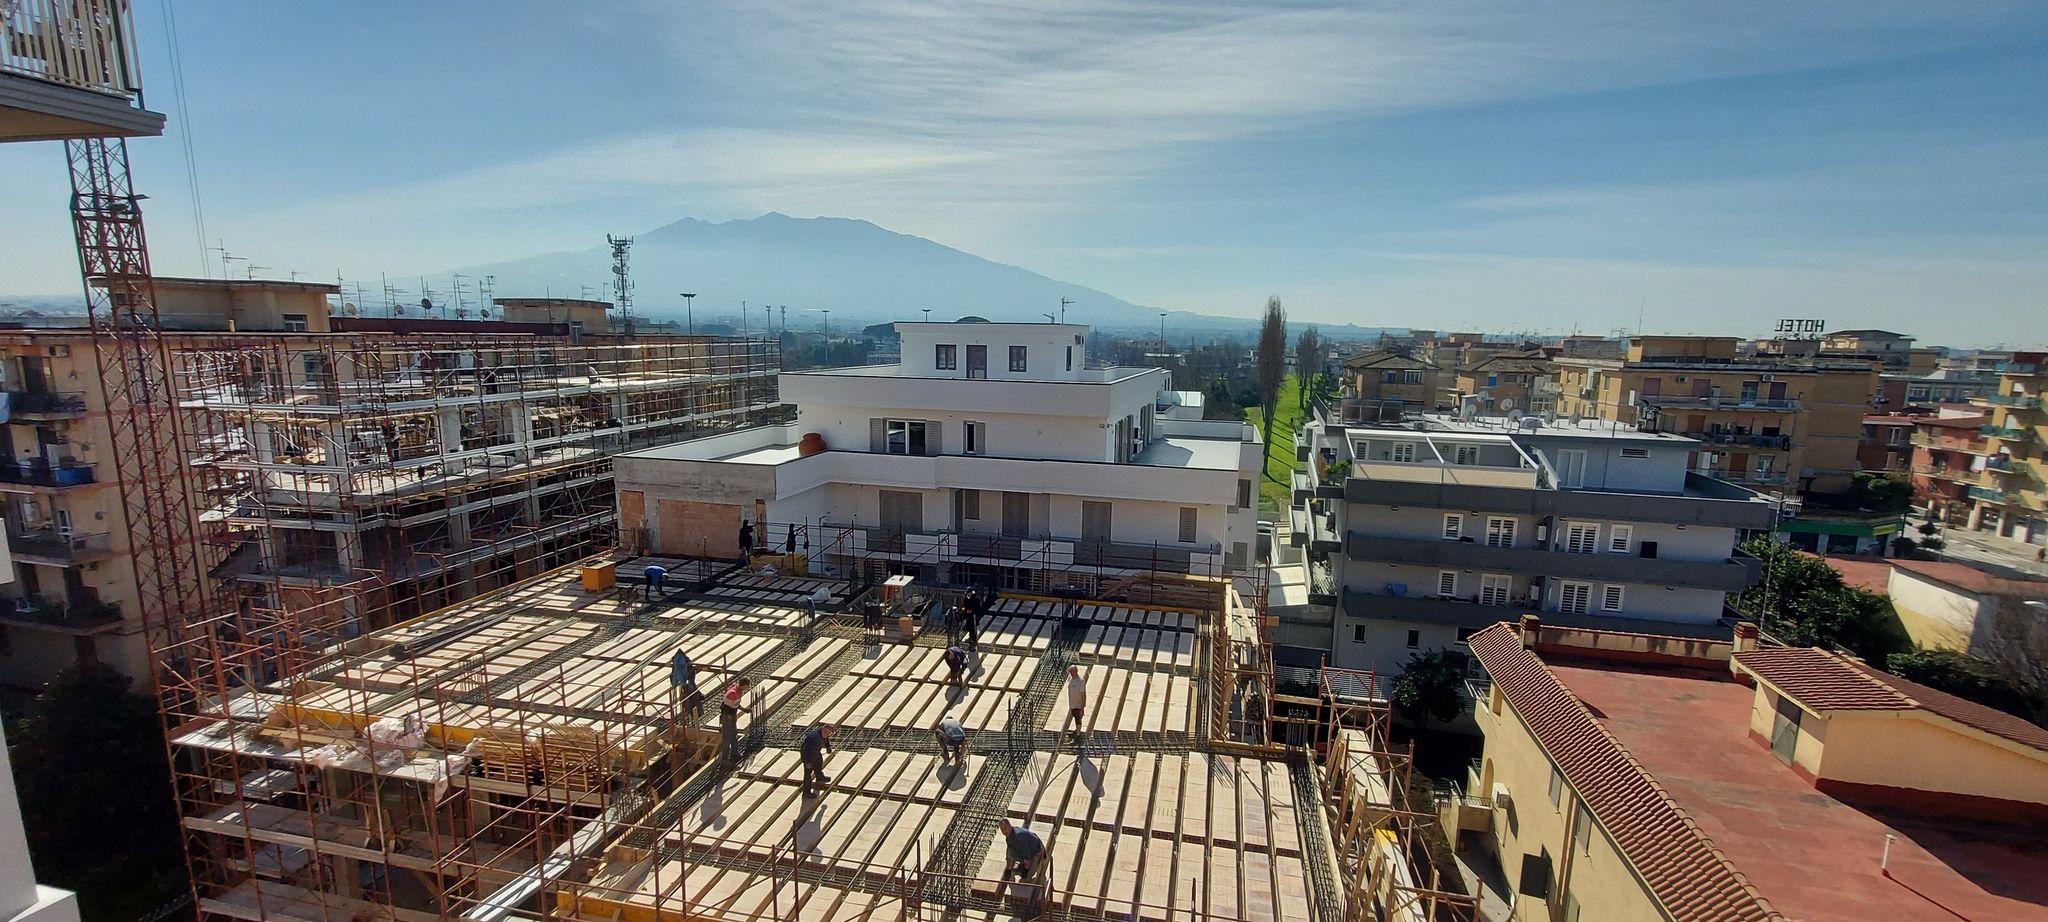 foto generica di nuovi cantieri a Pomigliano